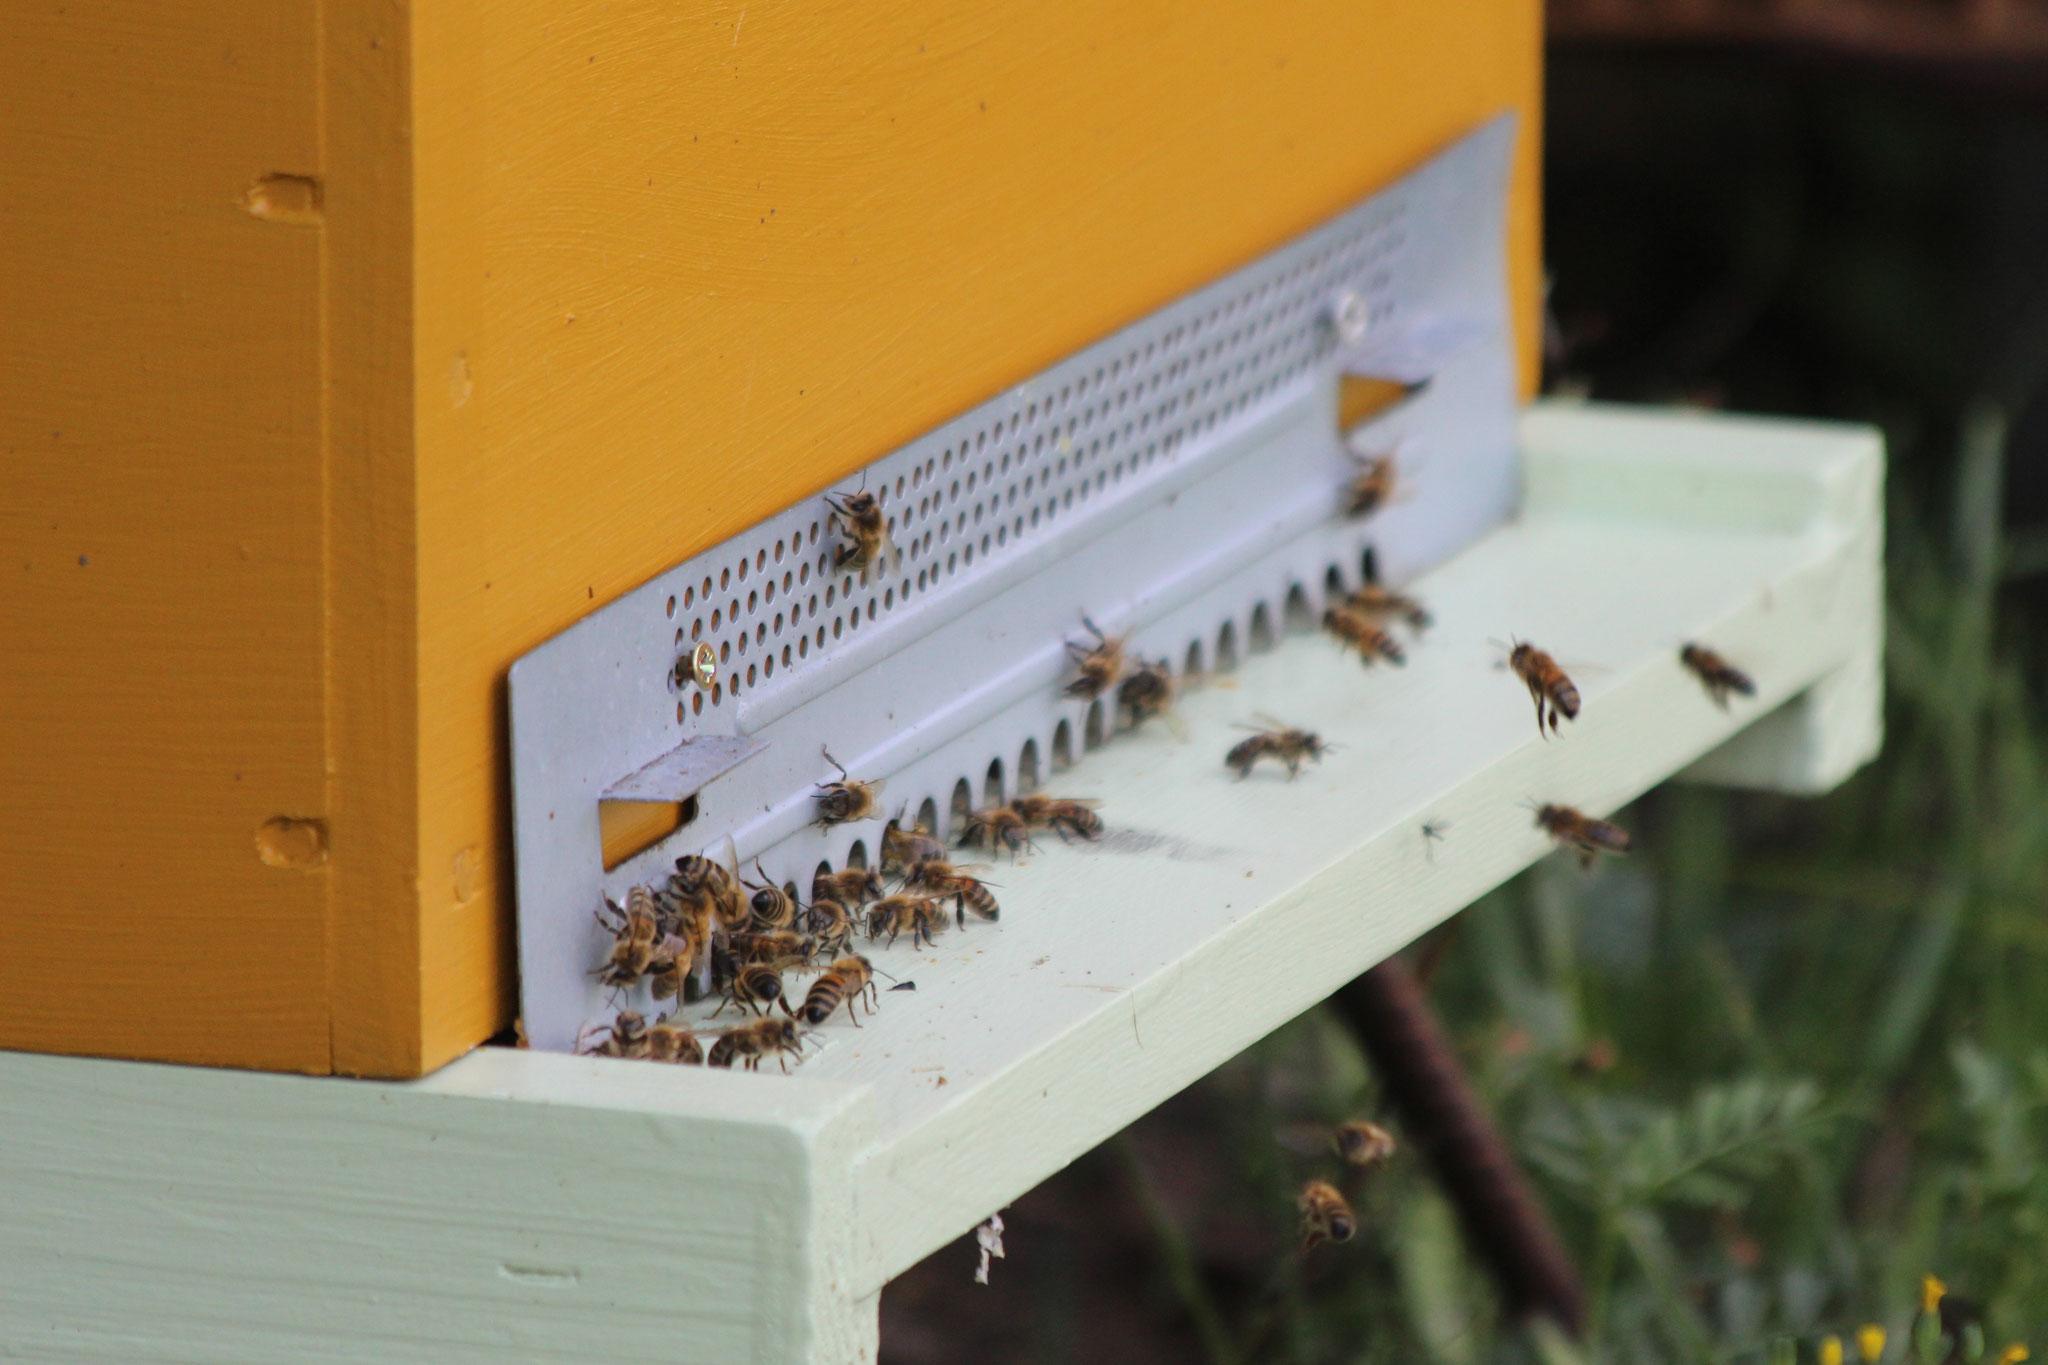 Entrée ruche dadant